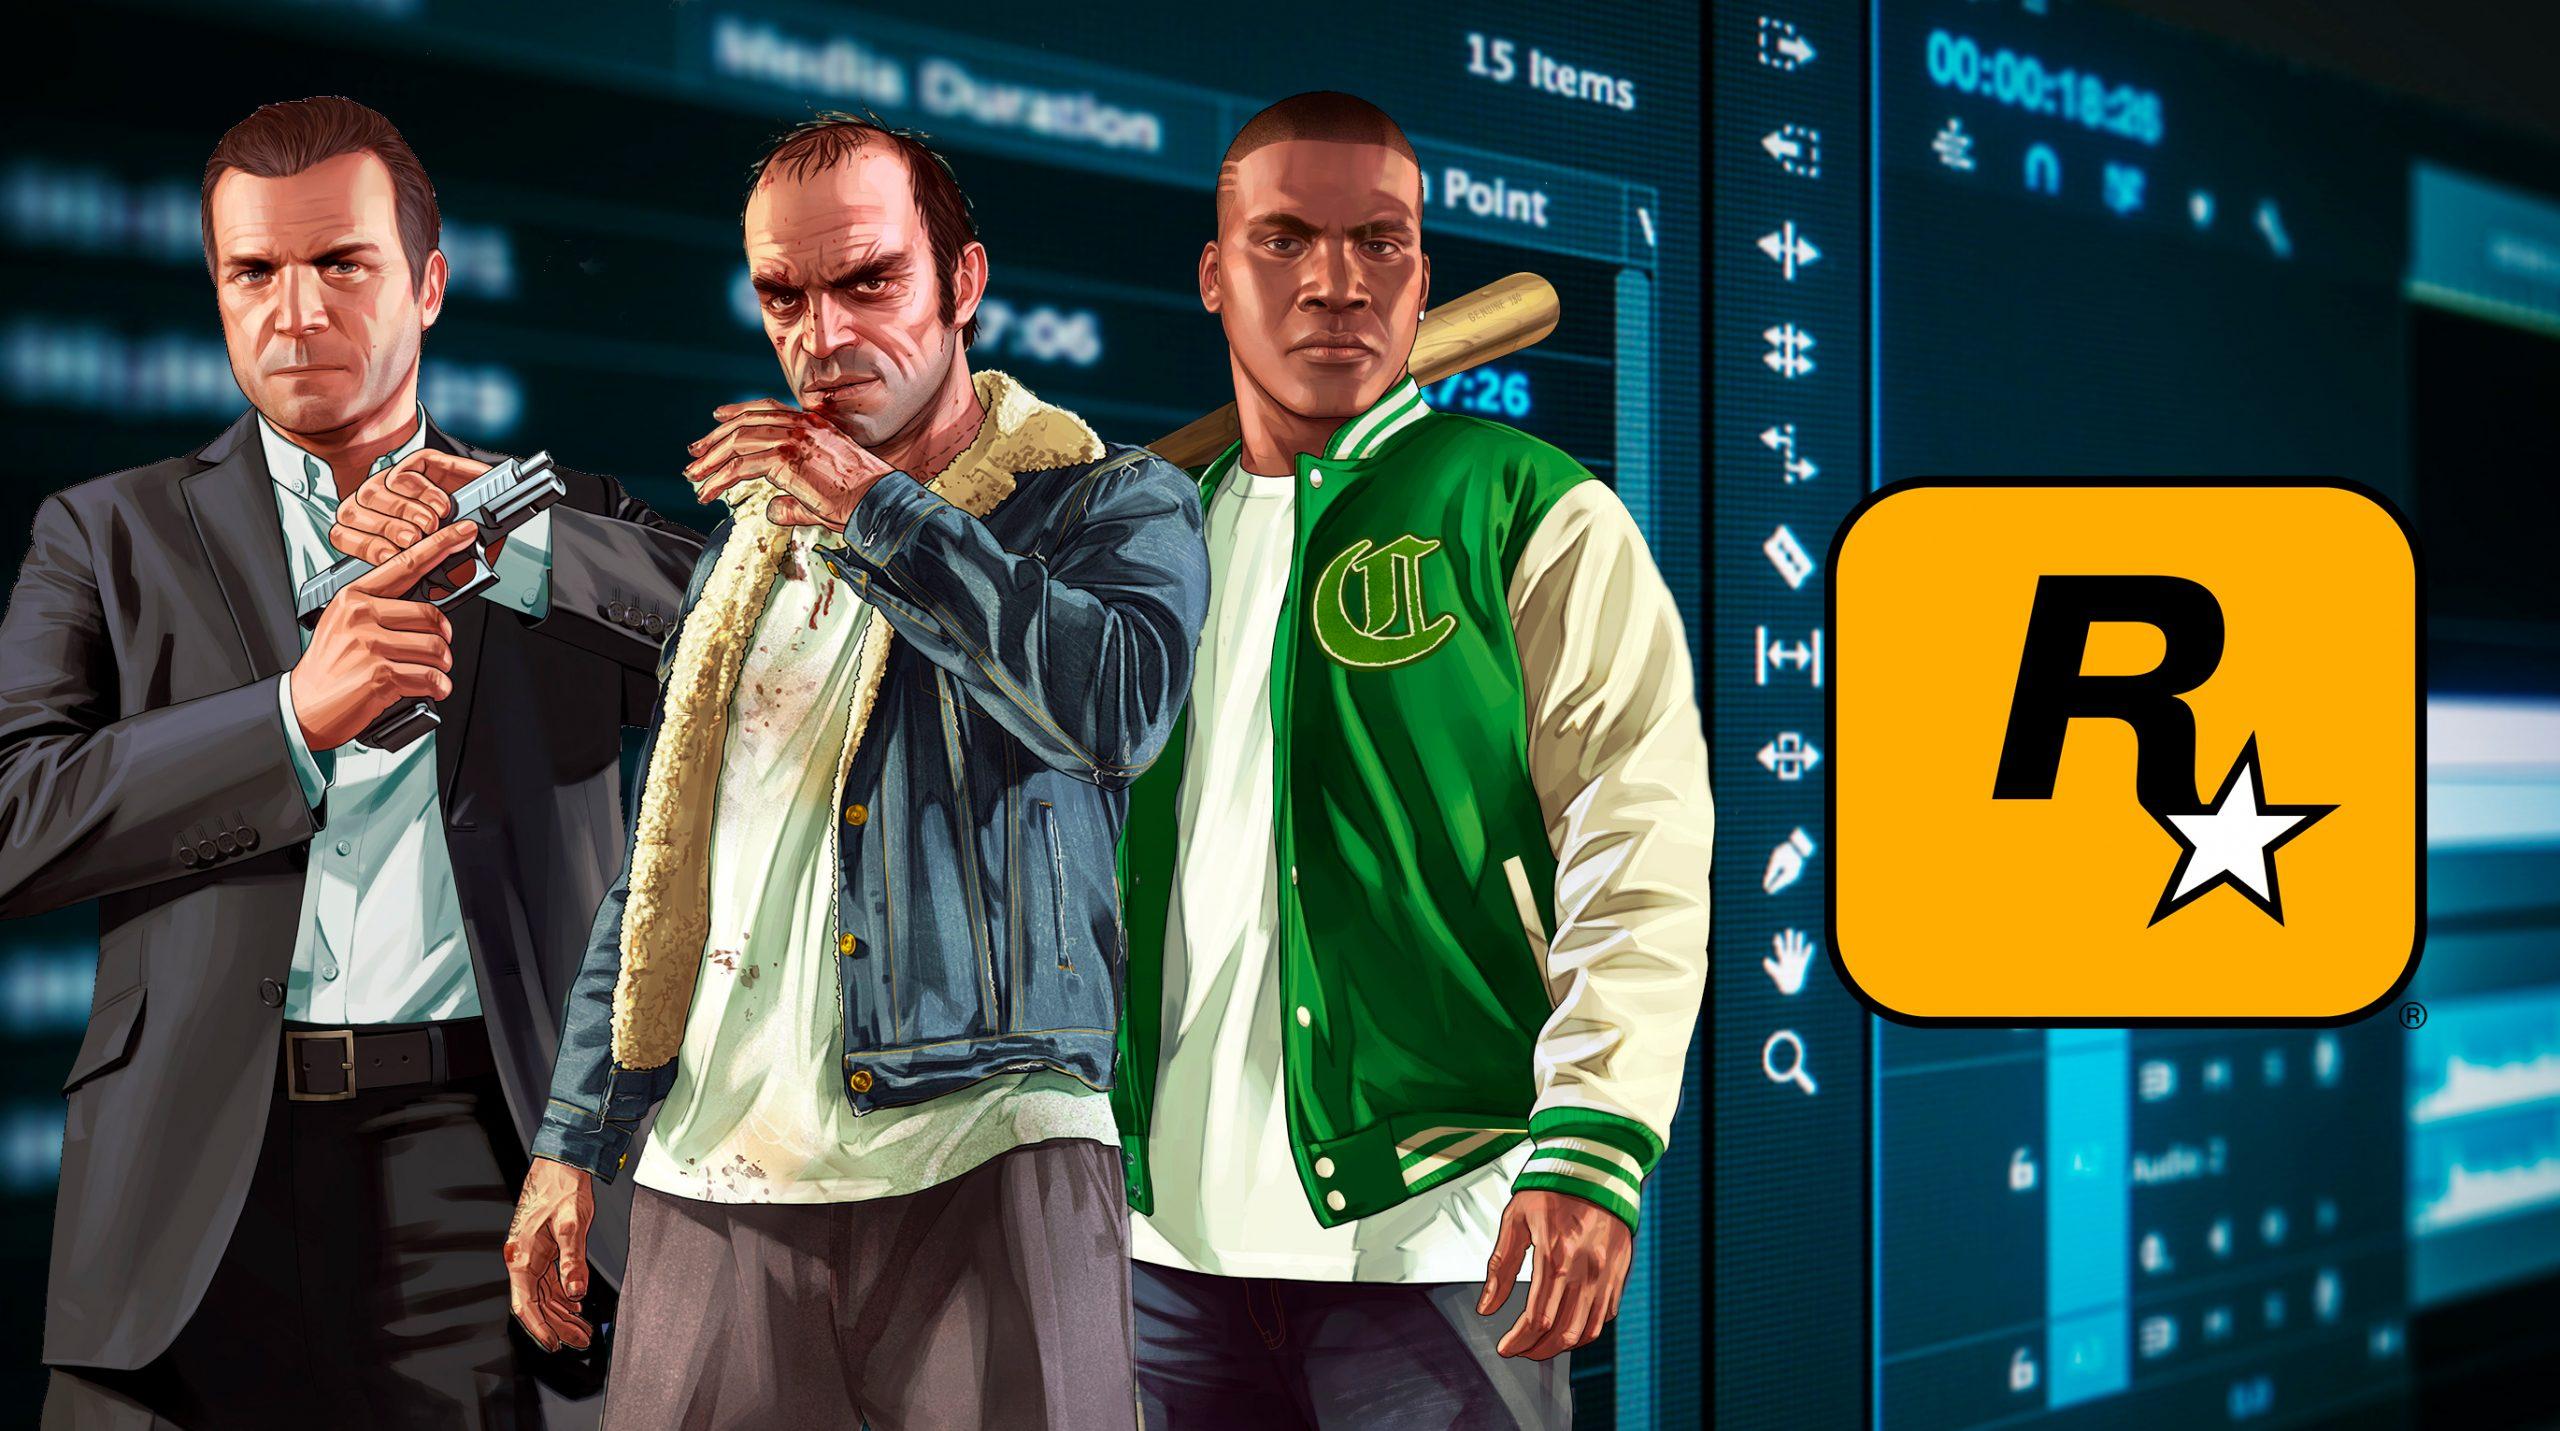 Depois do lançamento de RDR 2, os fãs da Rockstar Games aguardam próximos lançamentos para alem de DLCs para os modos online de seus jogos.